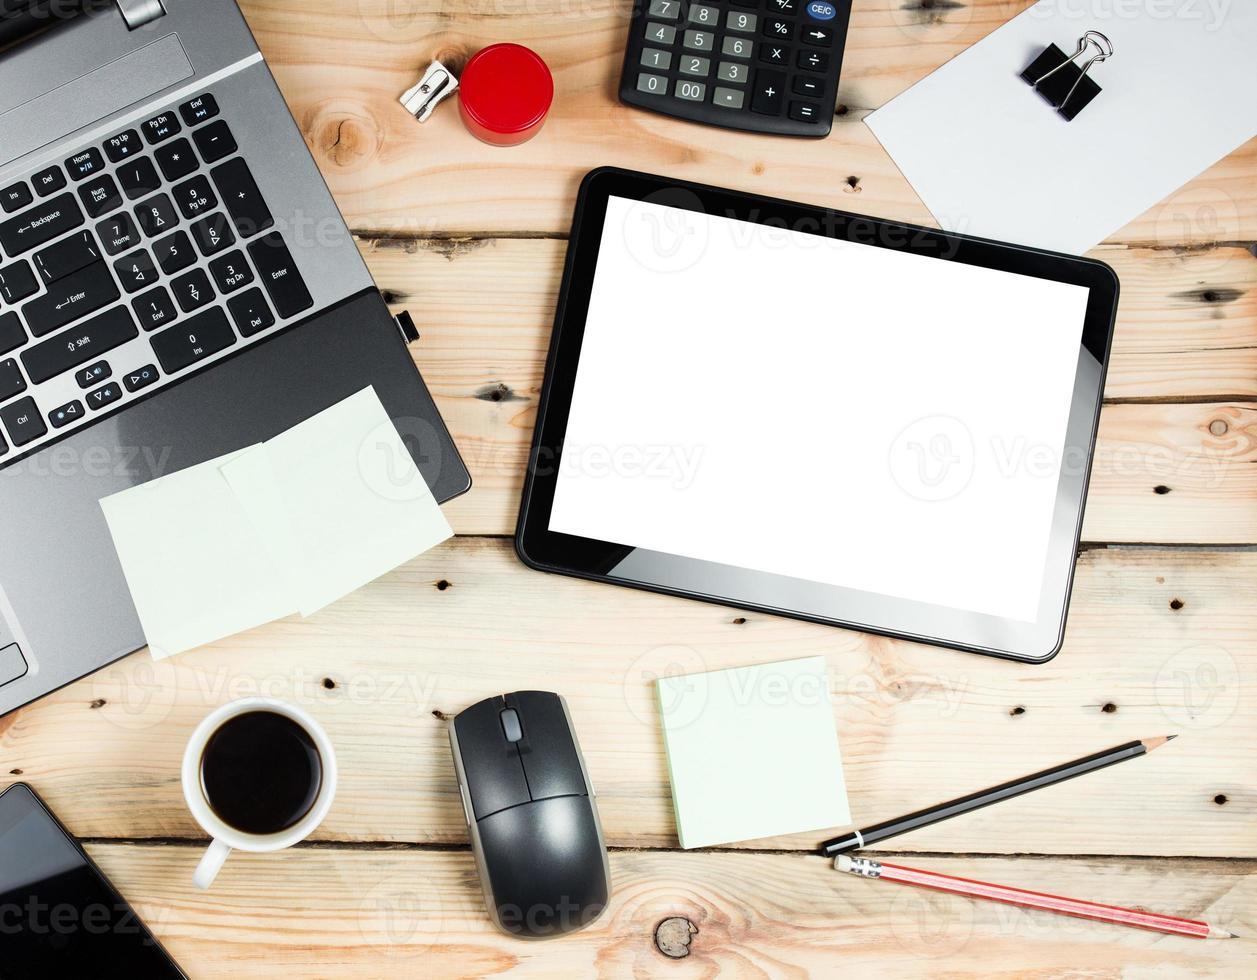 arbetsplats, bärbar dator och surfplatta på träbord foto